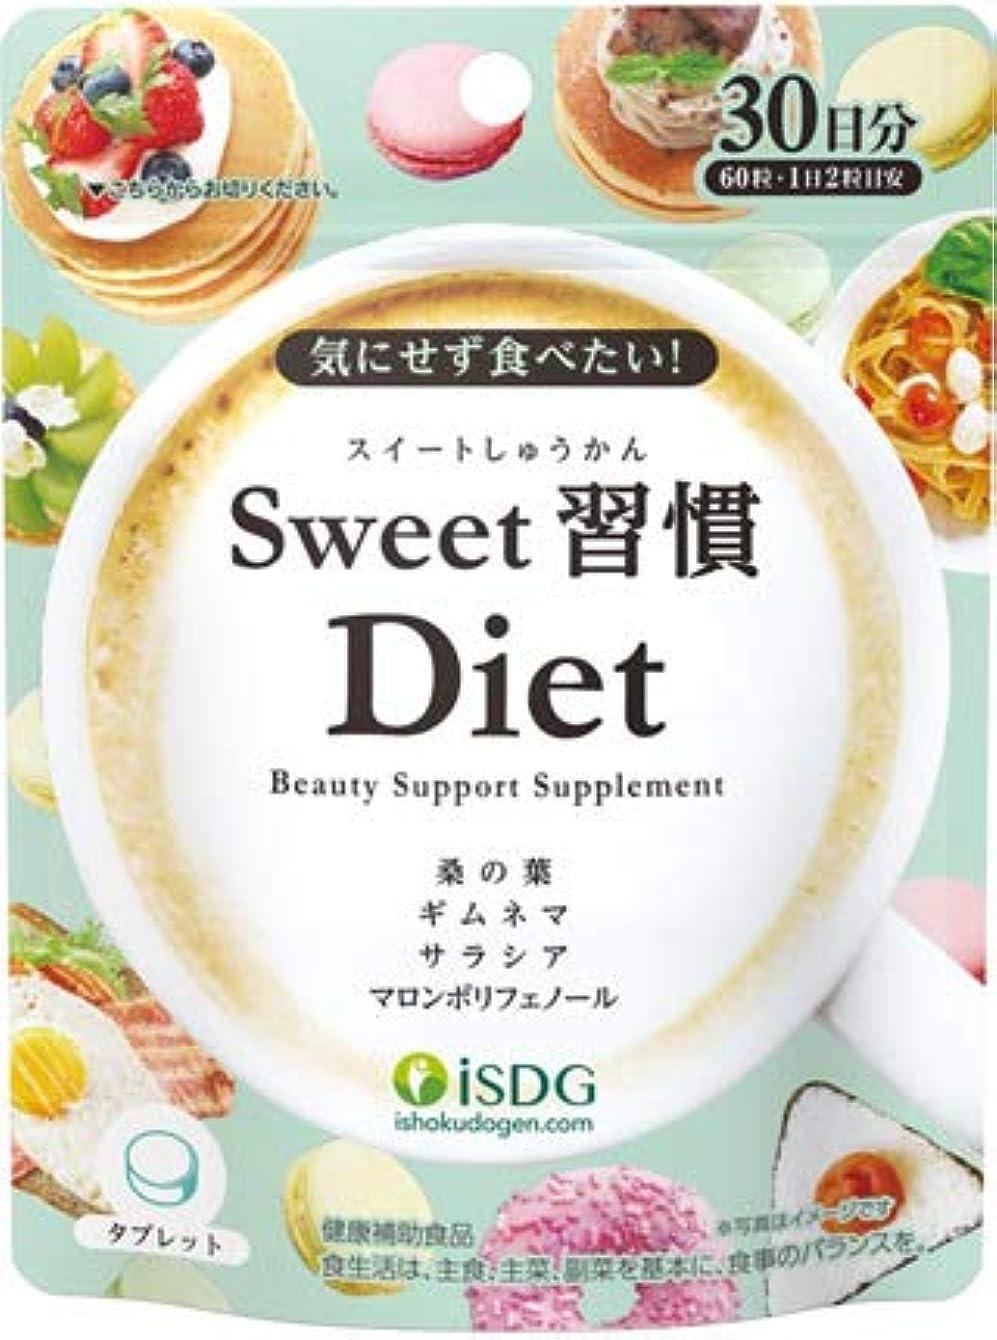 行き当たりばったり知覚的十代医食同源ドットコム 医食同源 Sweet 習慣 Diet 60粒×5個セット スイート ダイエット